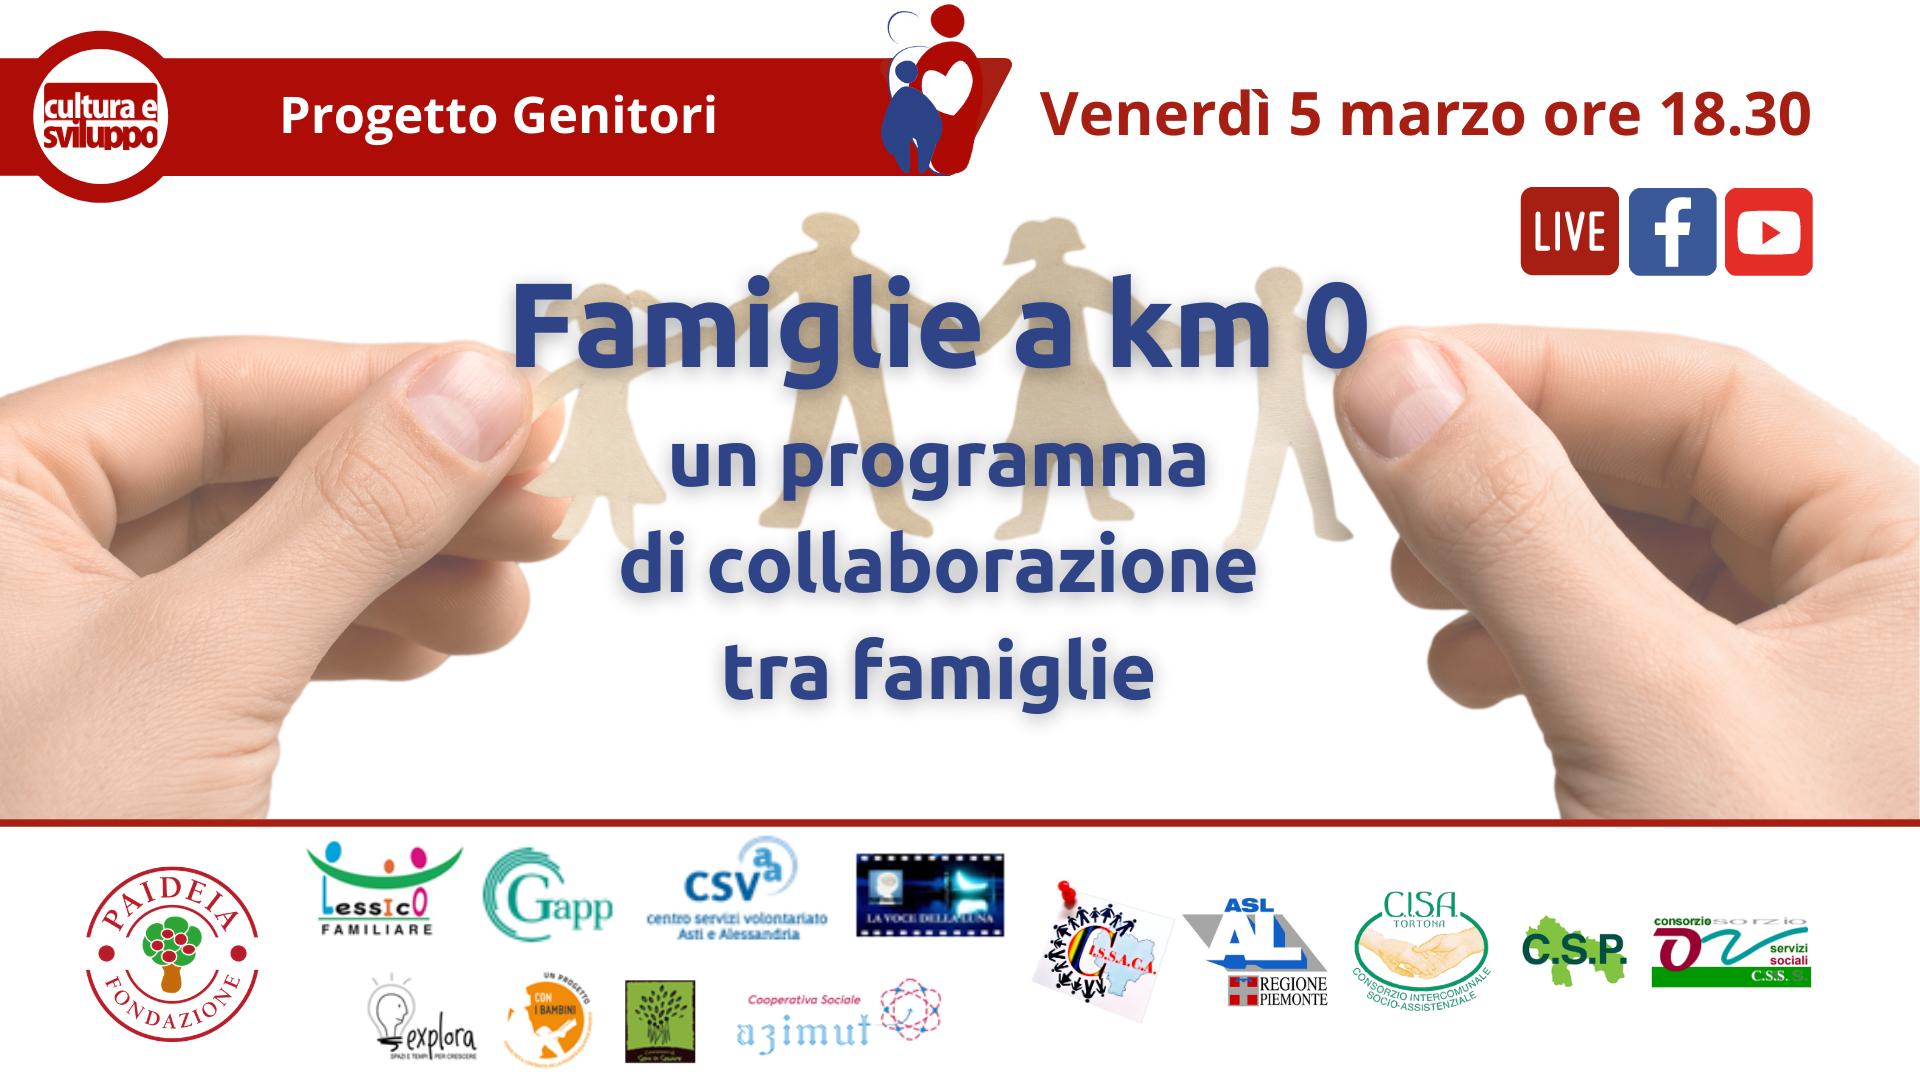 Famiglie a km 0: un programma di collaborazione tra famiglie